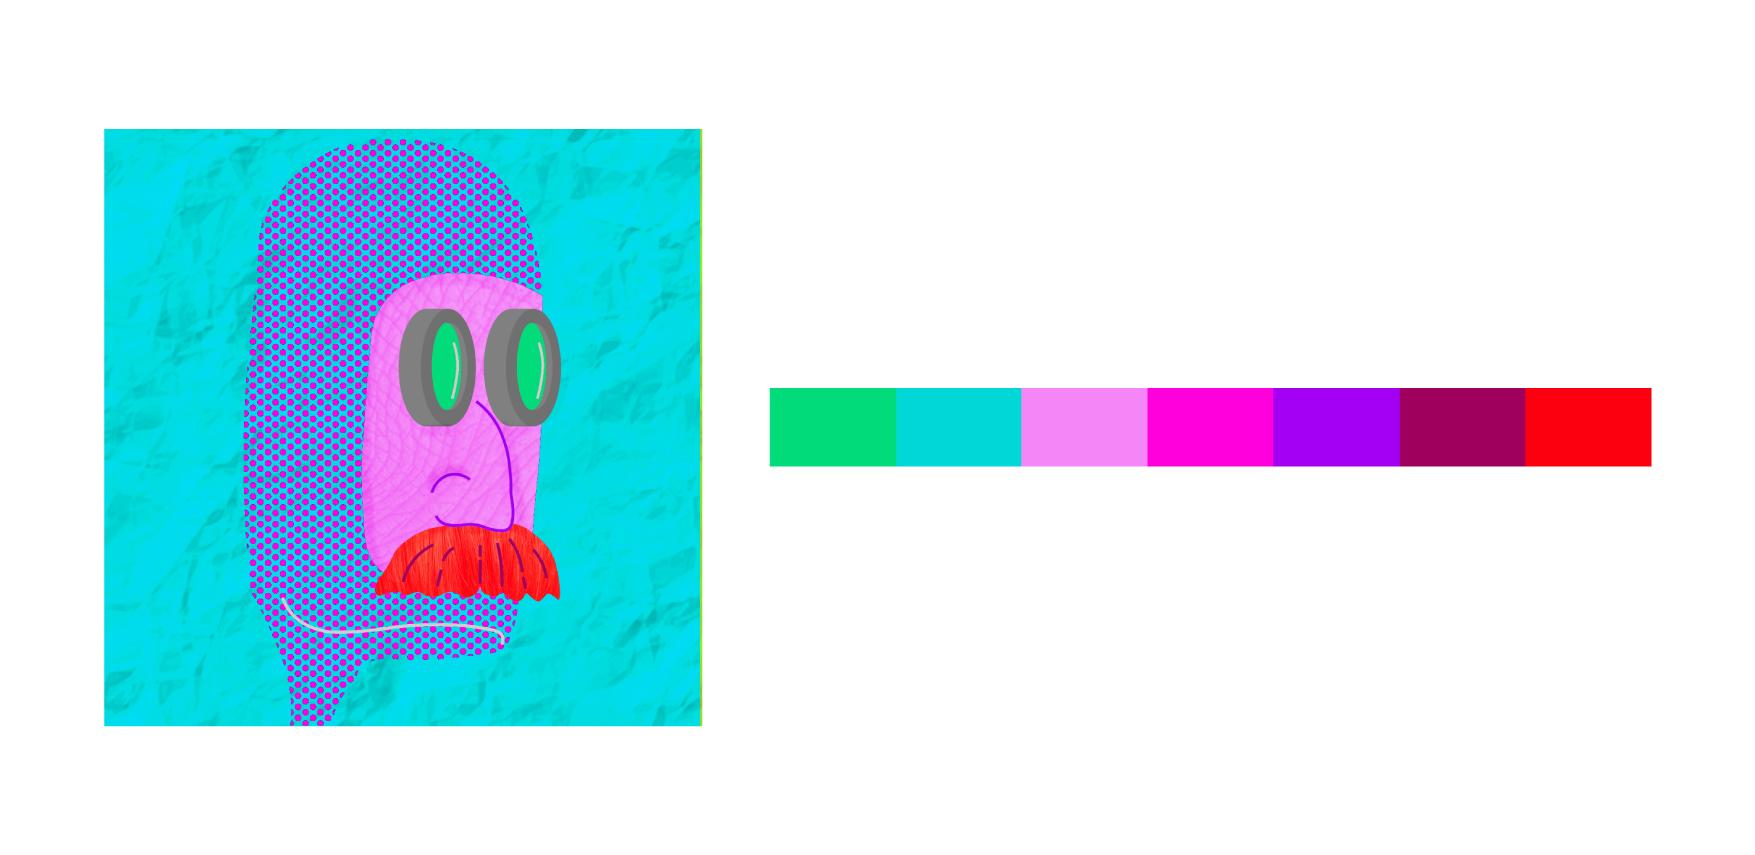 030 ARIEL VELASTEGUÍ the guy a partir de Warhol 2020-02